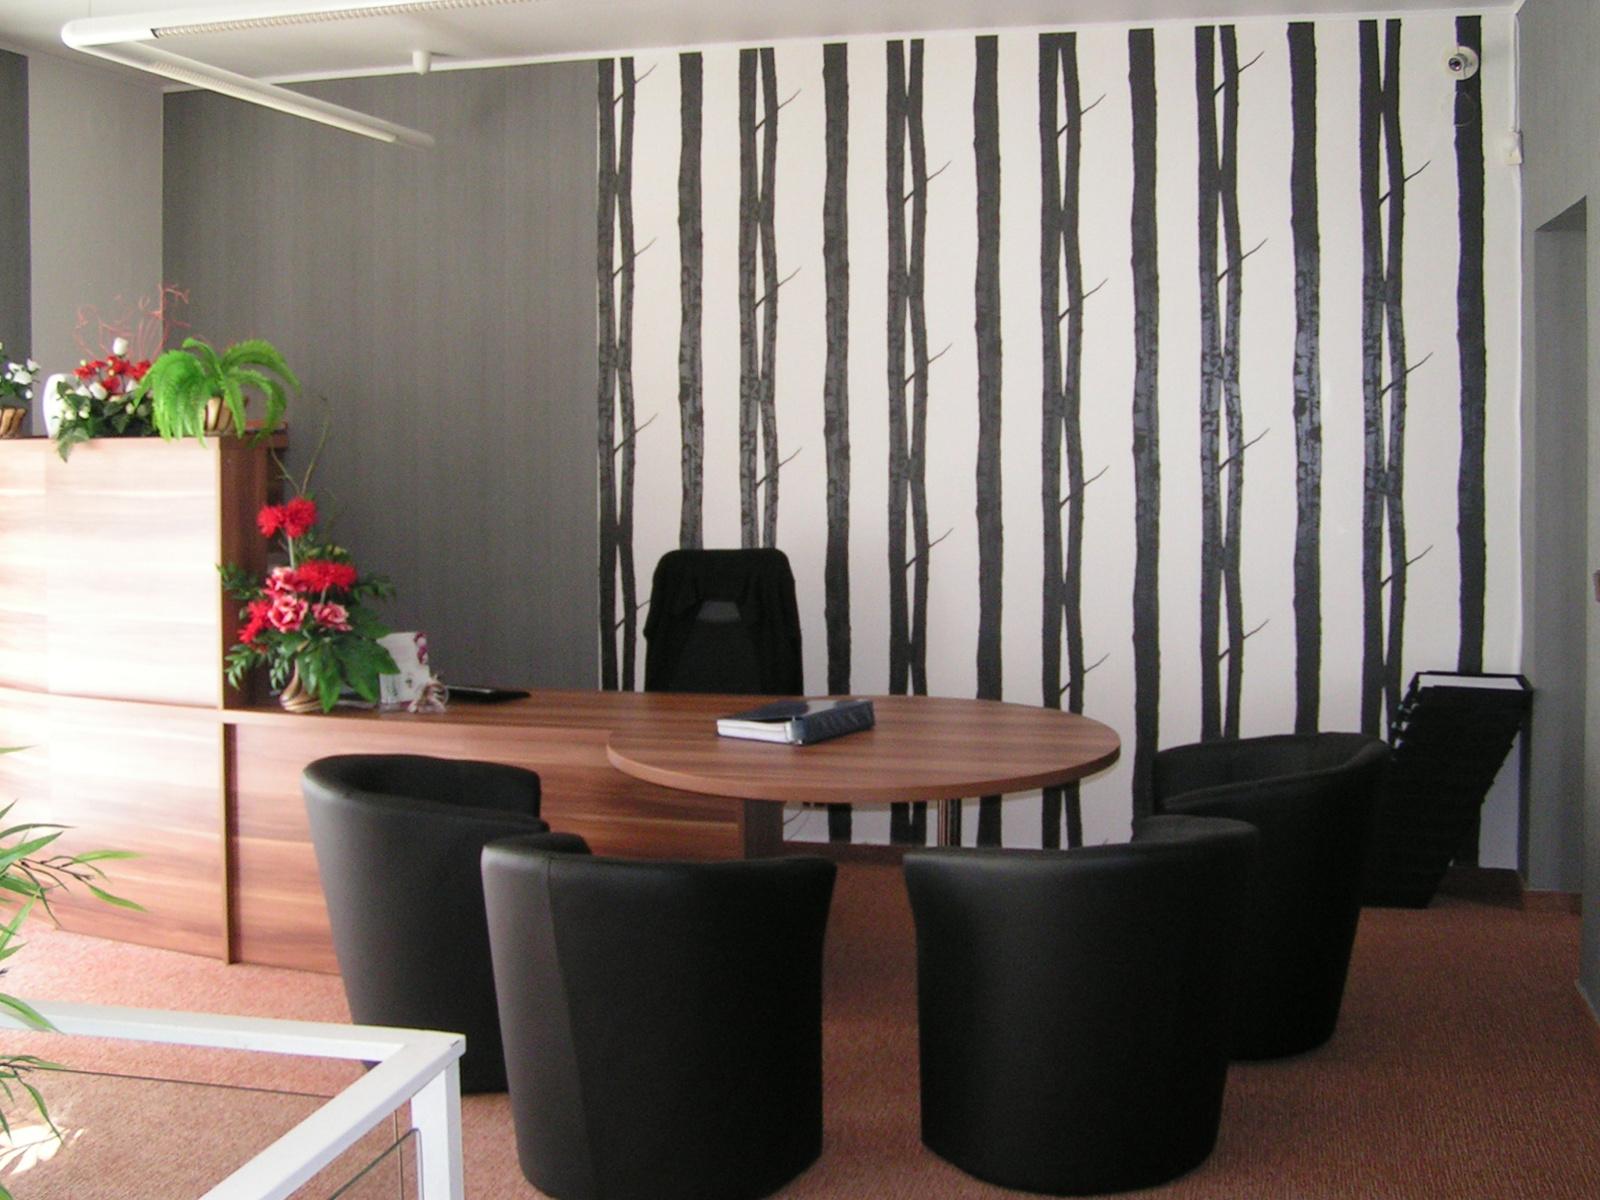 kancelar-pohrebni-sluzby-mlada-boleslav-laurinova (3)